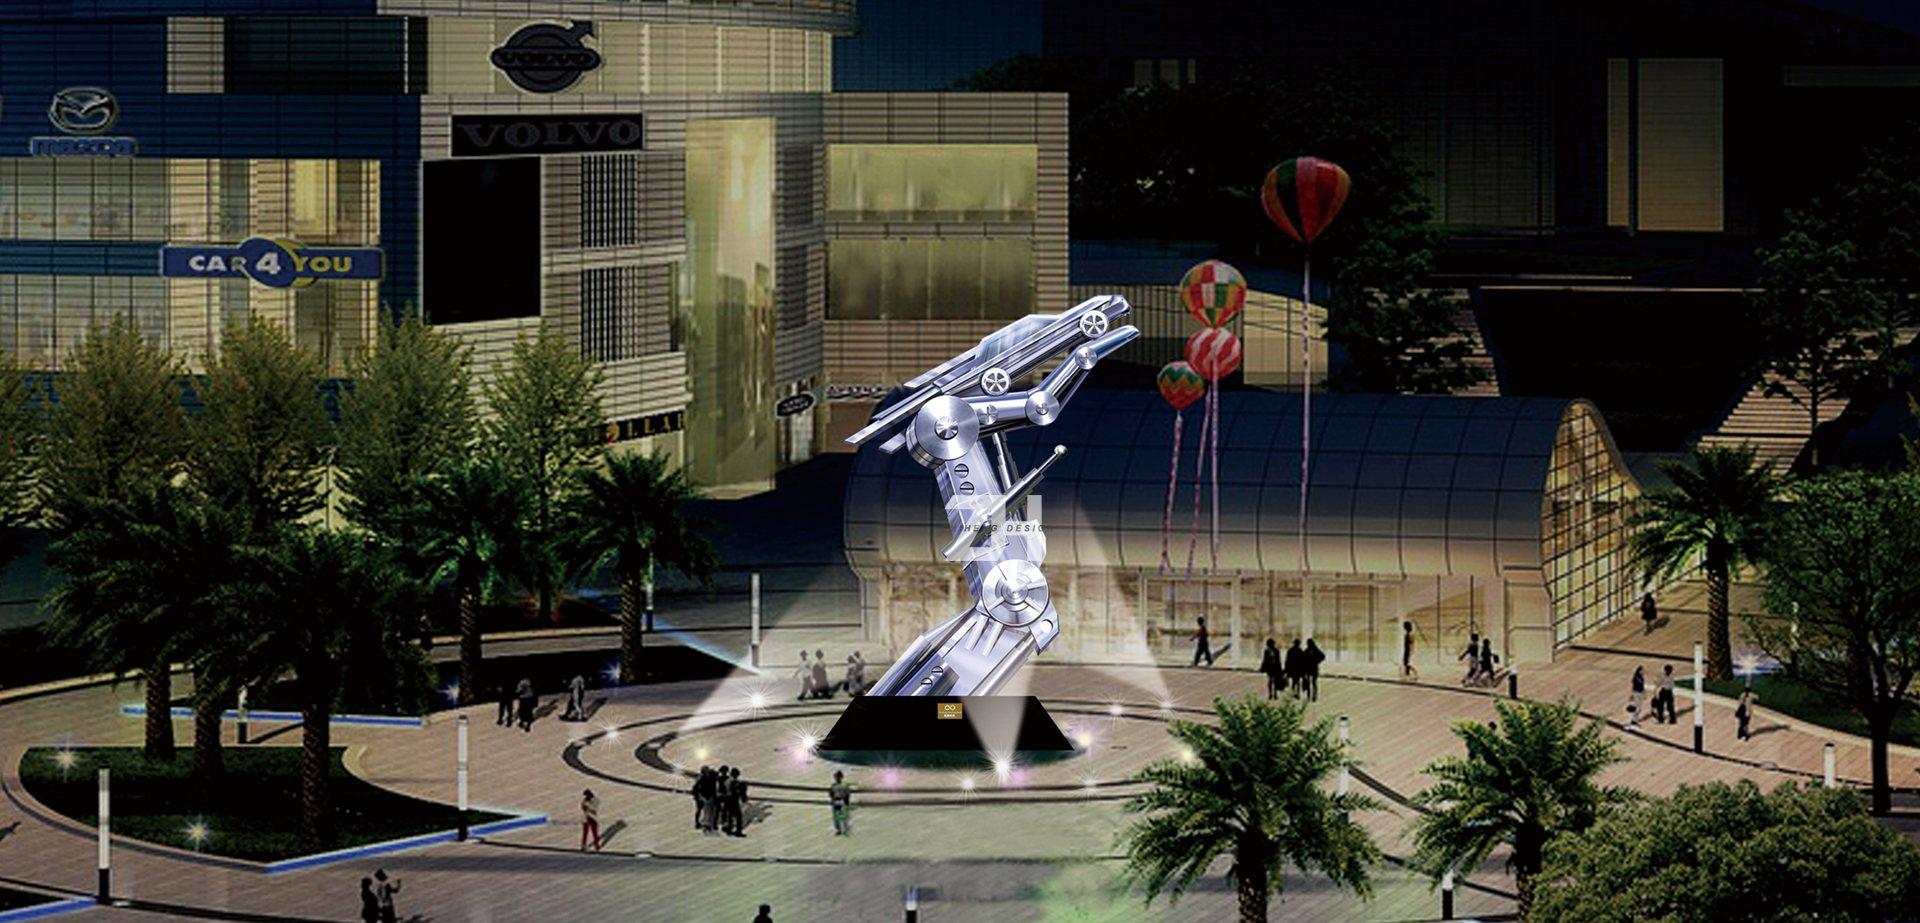 重慶雕塑制作:專業提供重慶景觀雕塑、重慶CNC雕塑、重慶3D打印雕塑、重慶不銹鋼雕塑、重慶銅雕塑。歡迎來電咨詢。